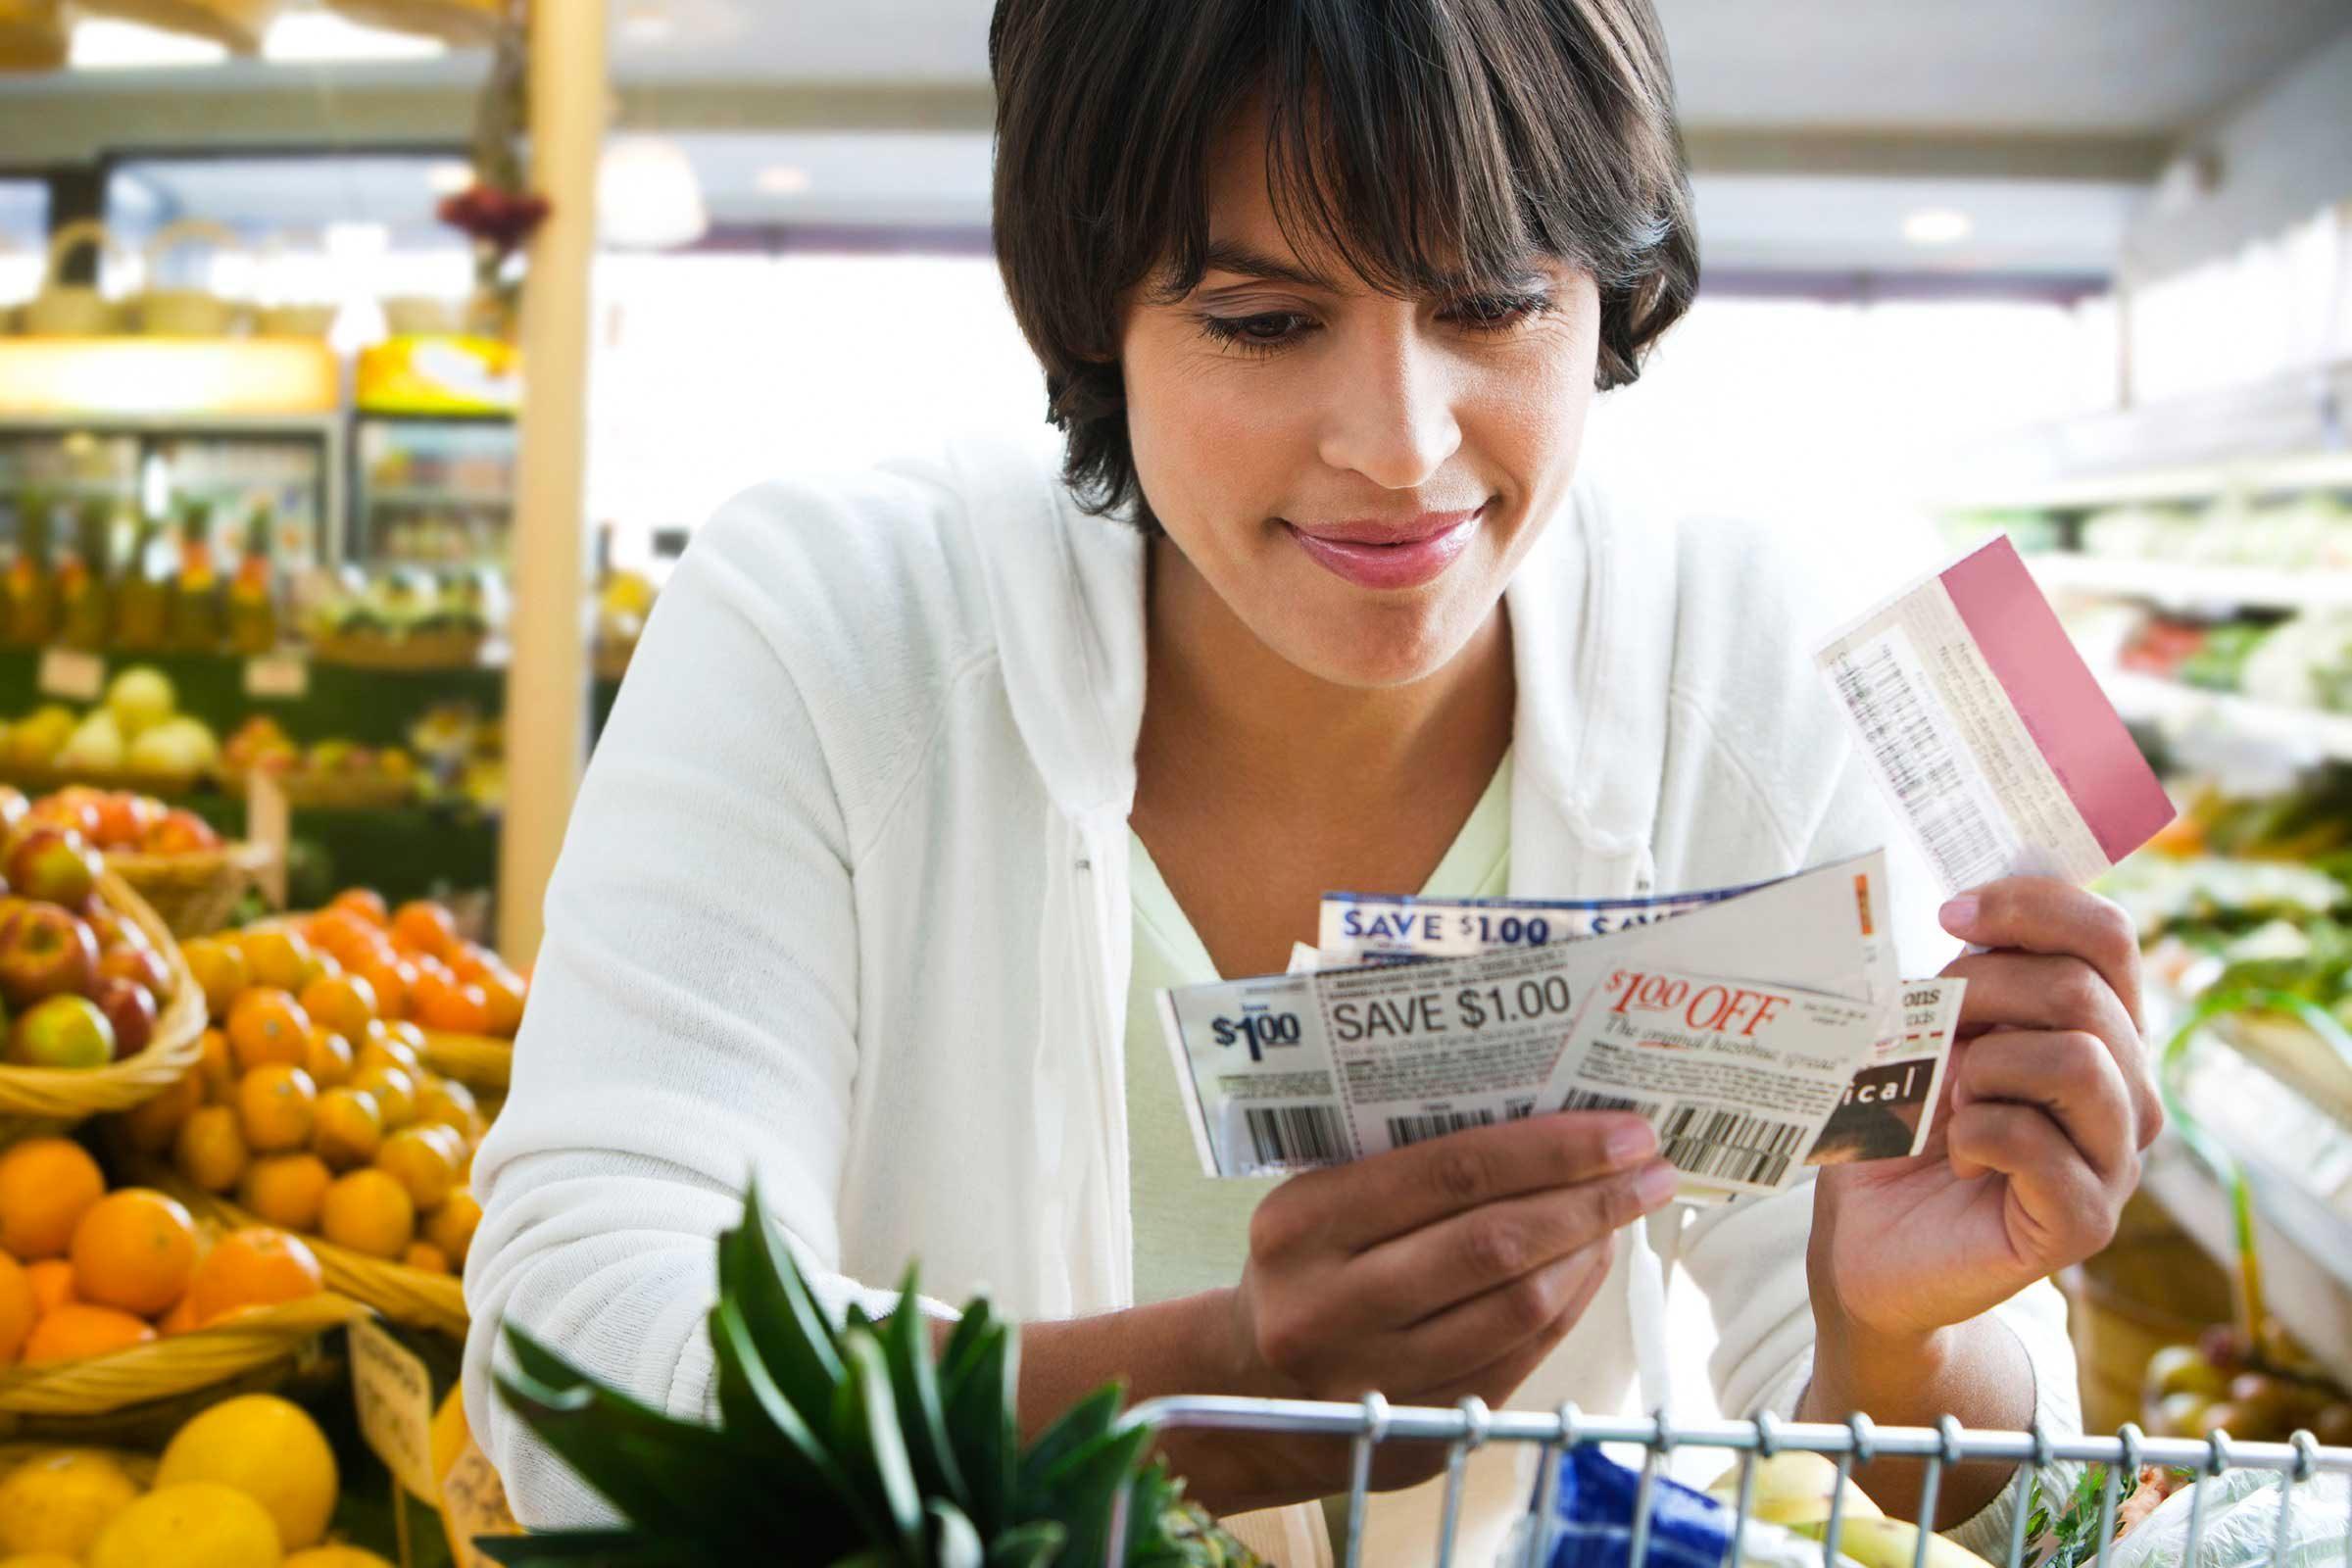 Économisez de l'argent en utilisant des coupons rabais.